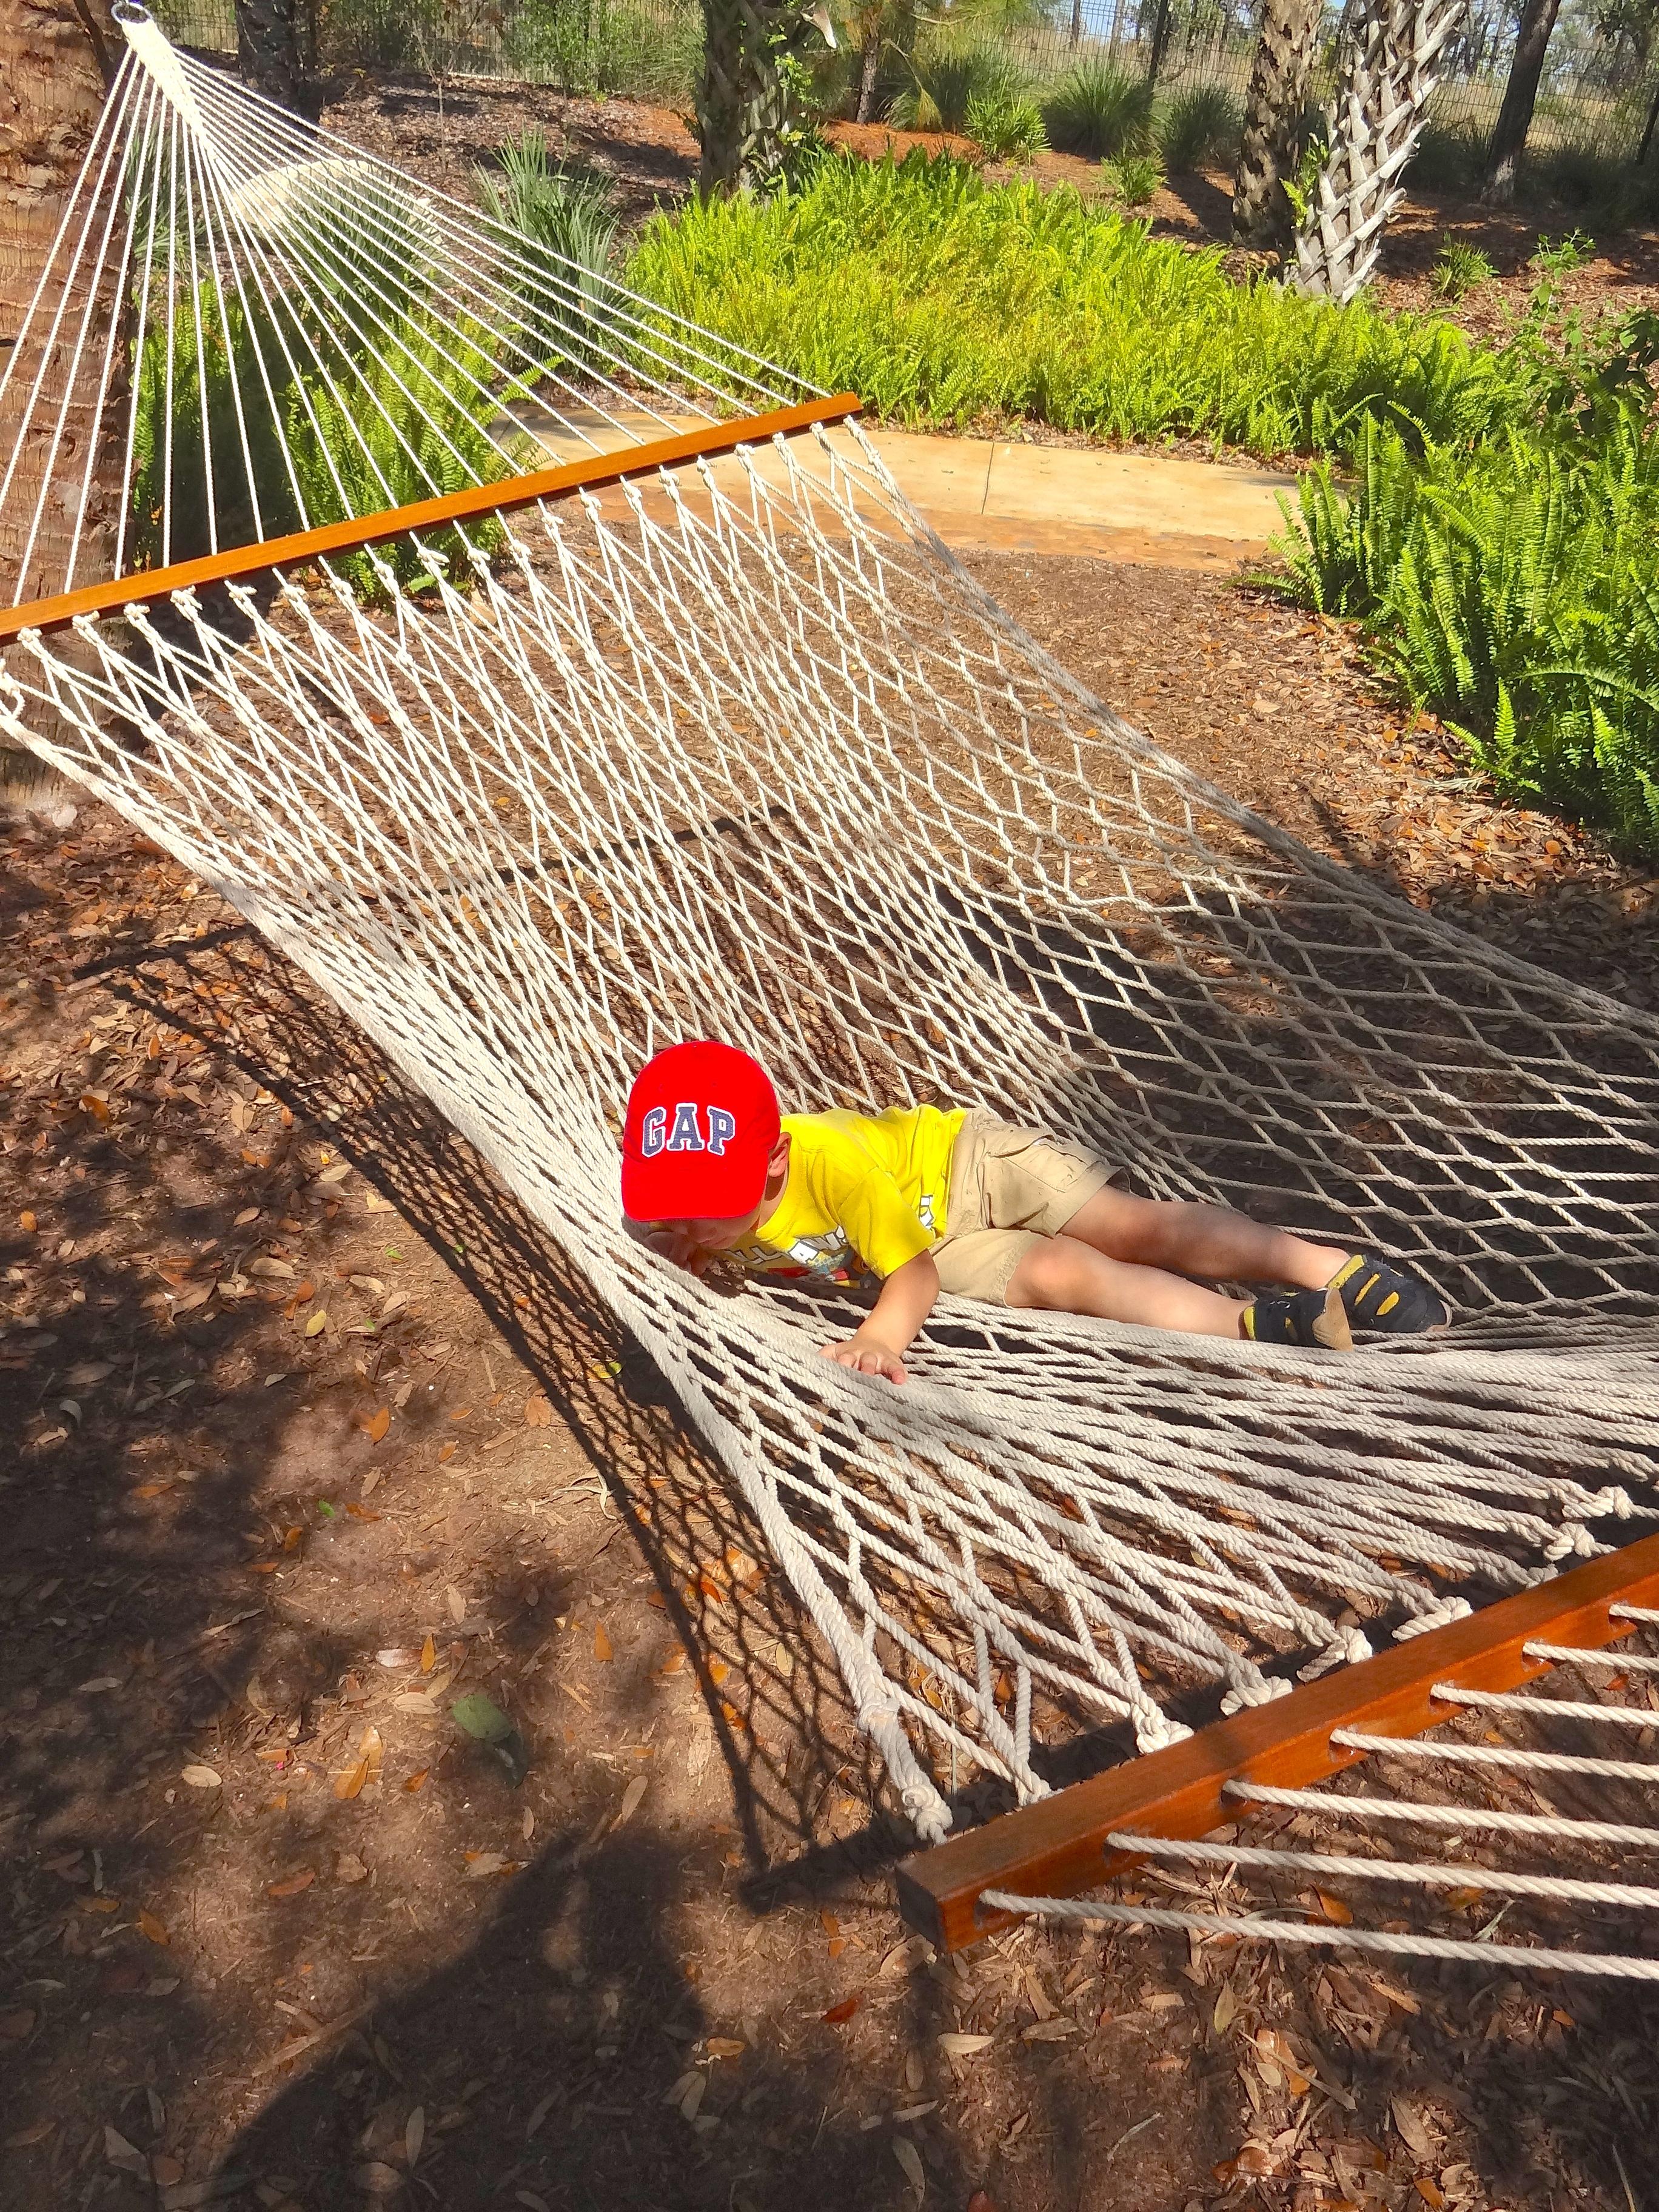 rope hammocks provide rest at hammock hollow children u0027s garden review  hammock hollow children u0027s garden at bok tower   funandfork  rh   floridafunandfork